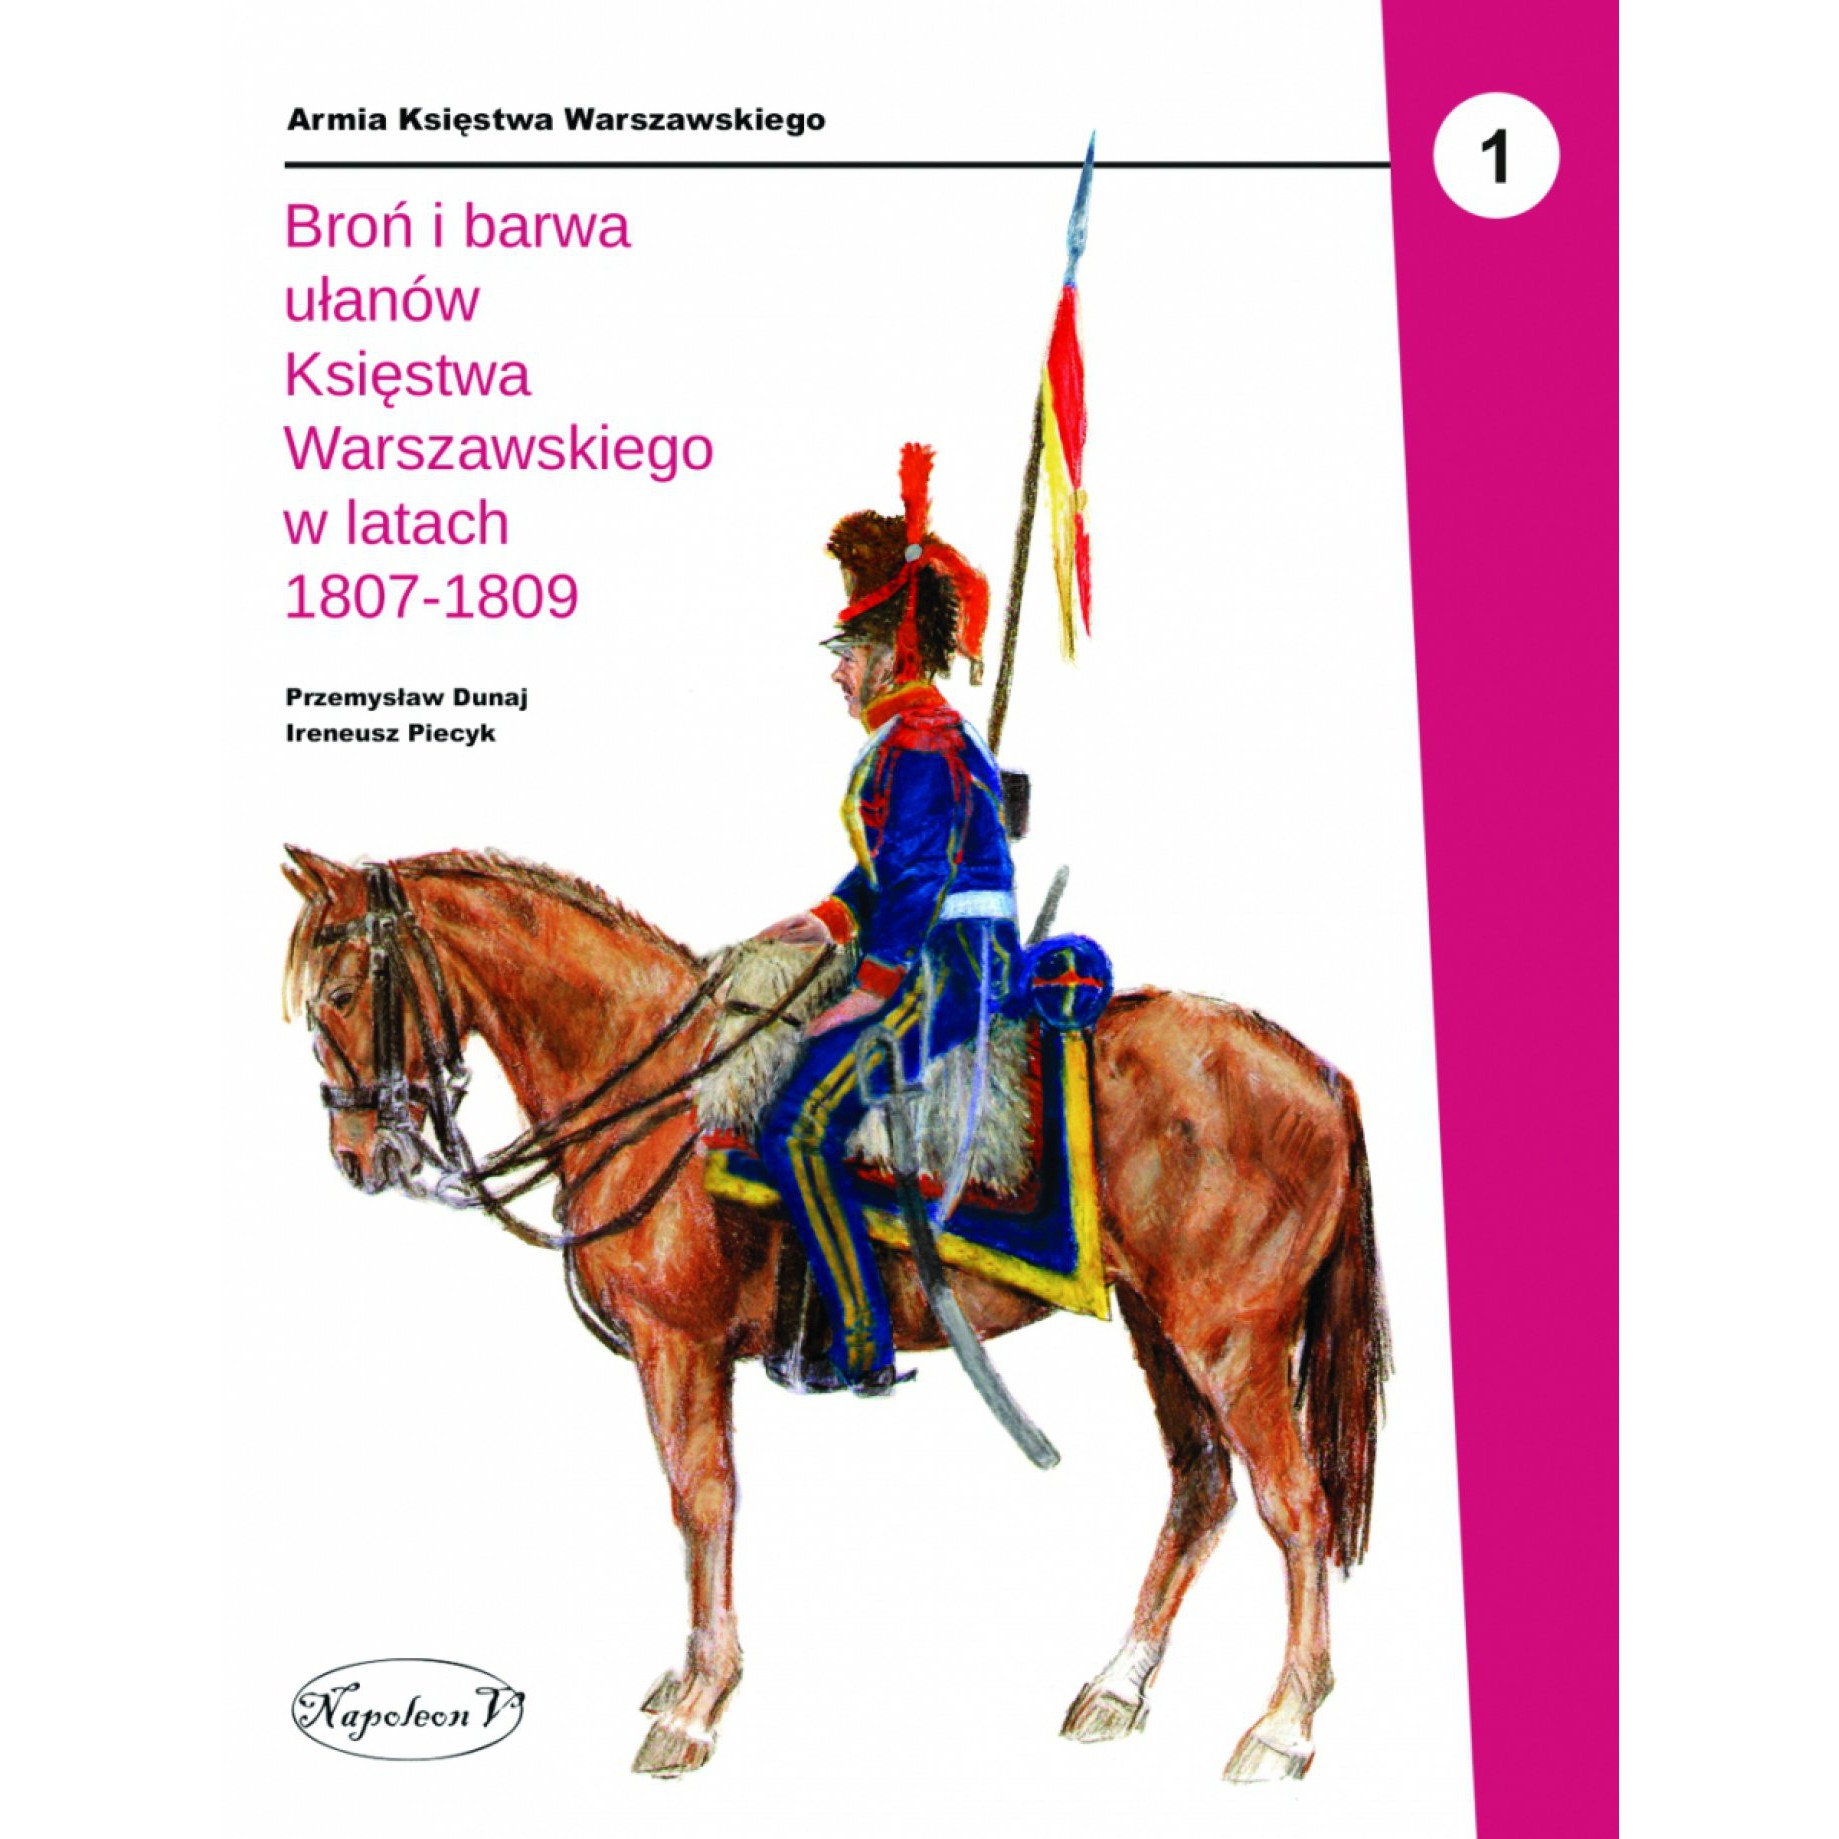 Broń i barwa ułanów Księstwa Warszawskiego w latach 1807-1809